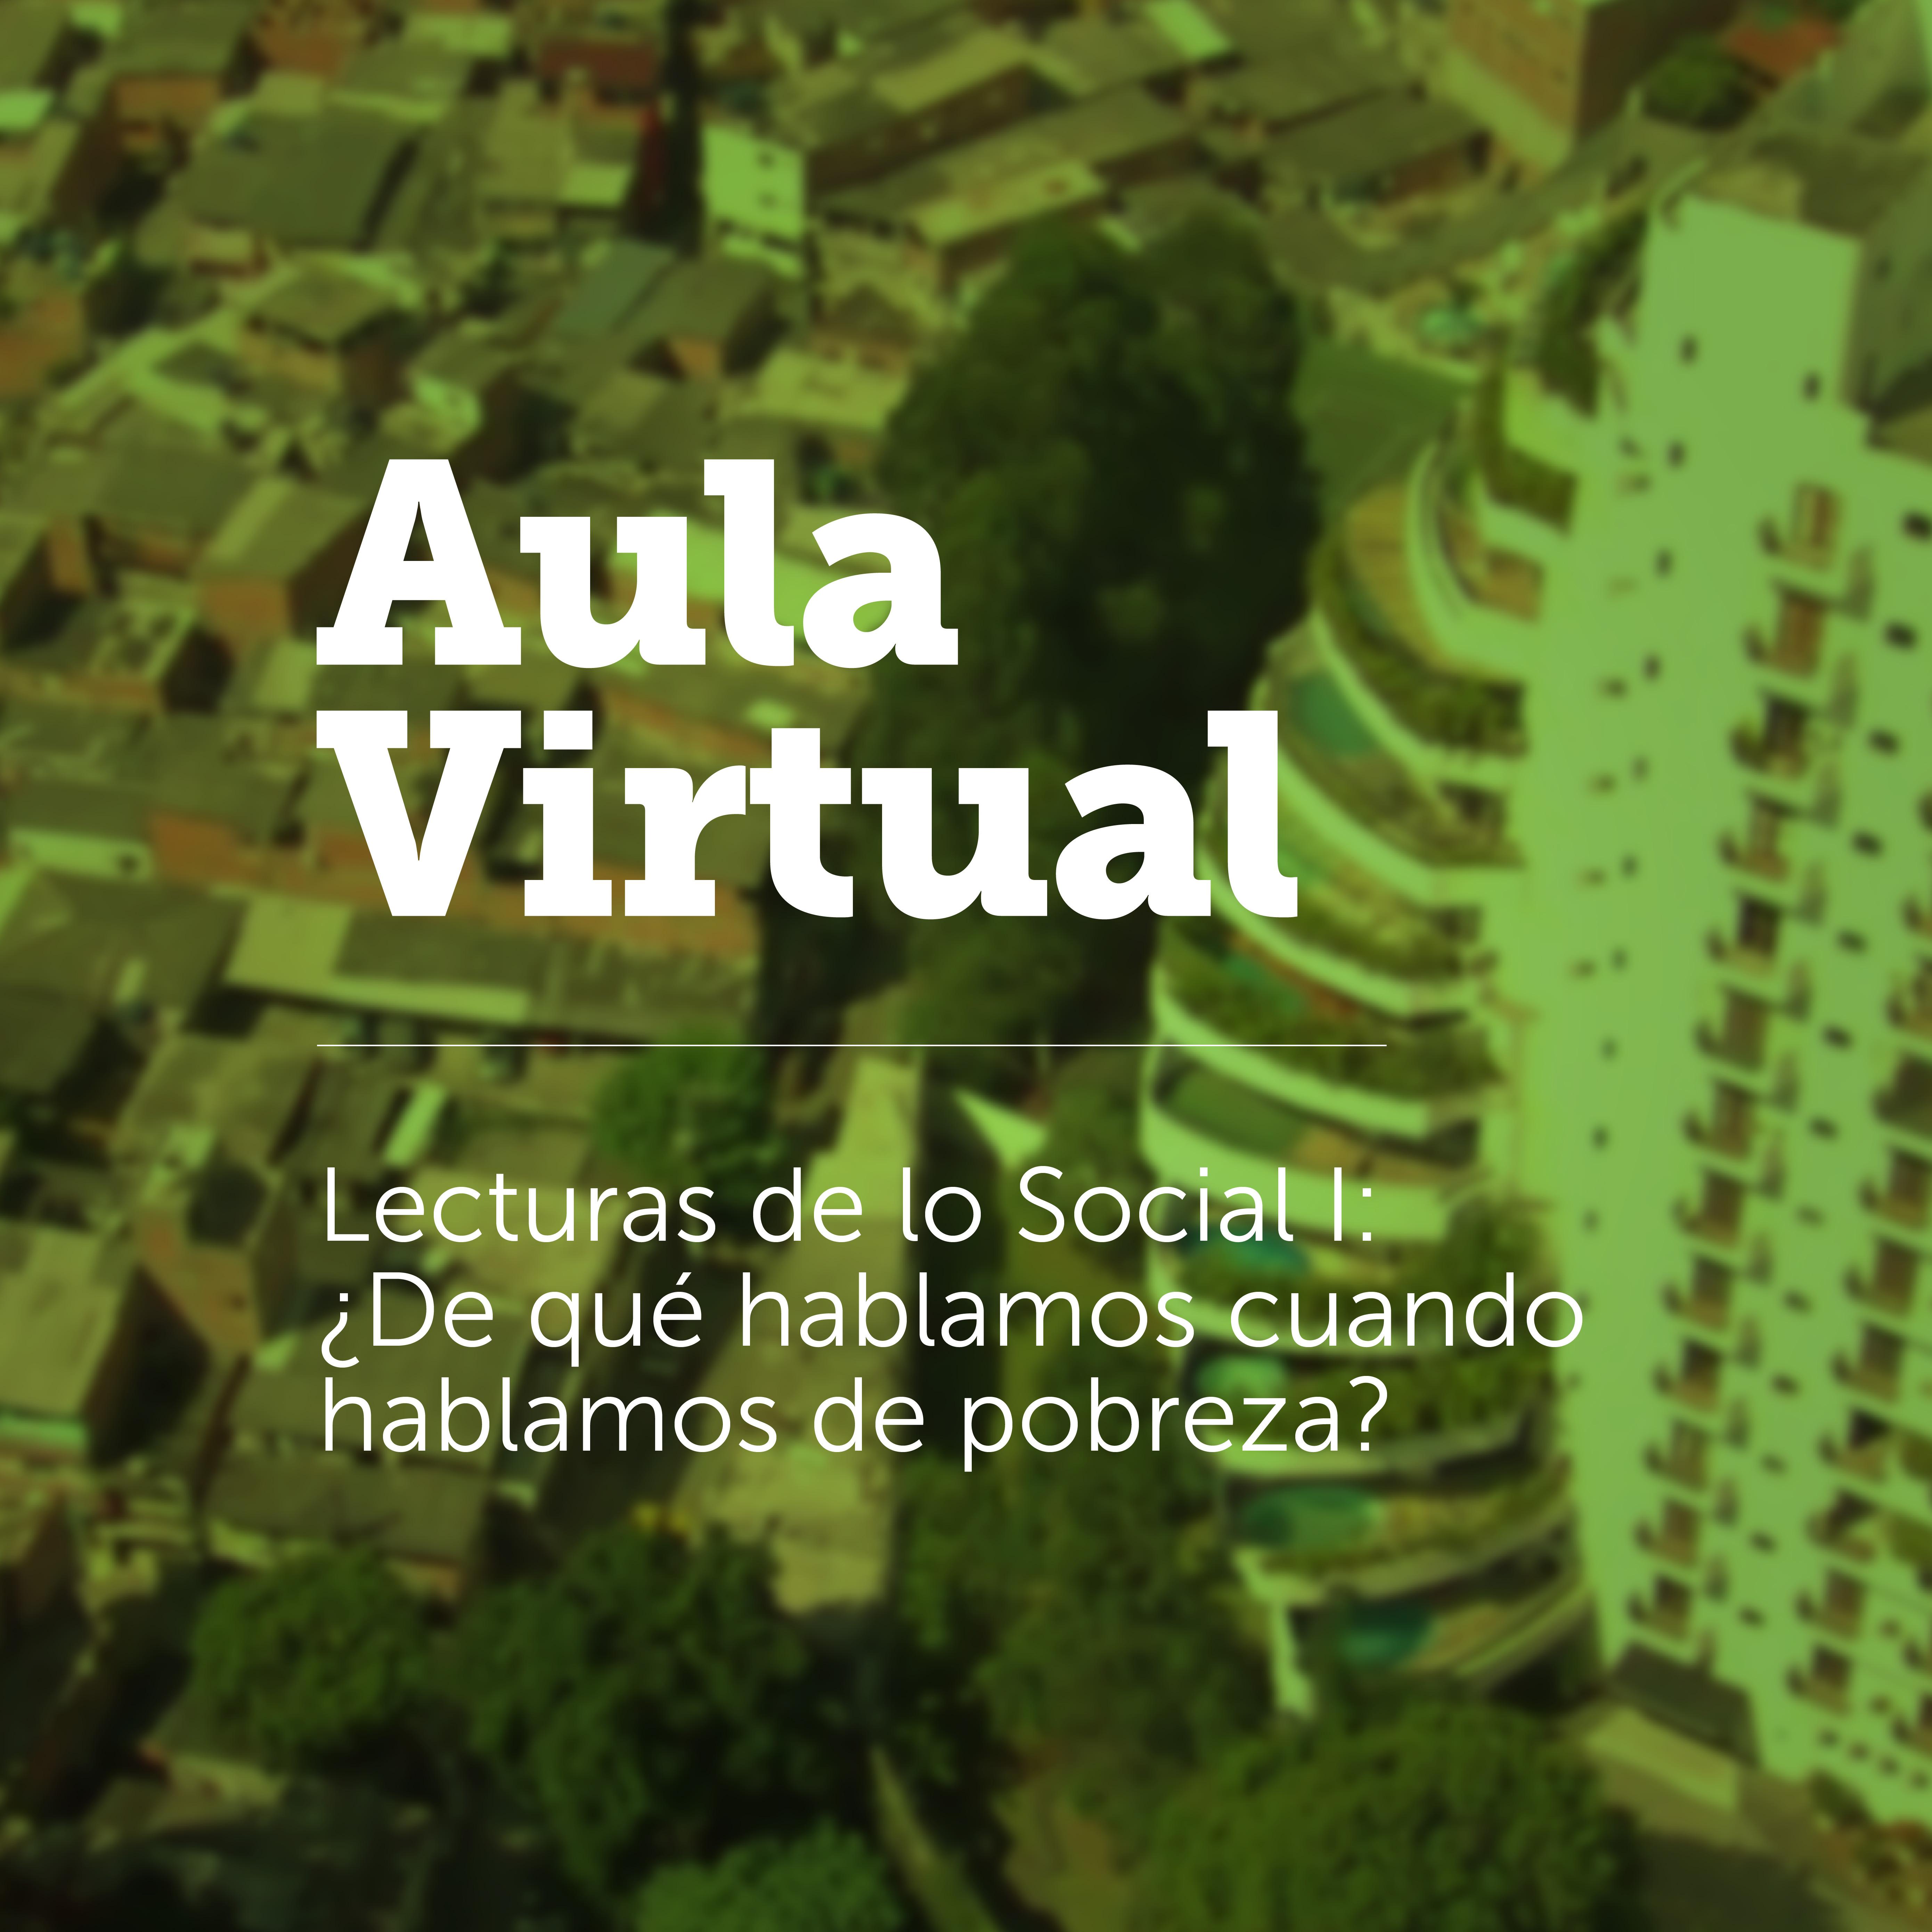 Lectura de lo Social I - De qué hablamos cuando hablamos de pobreza?